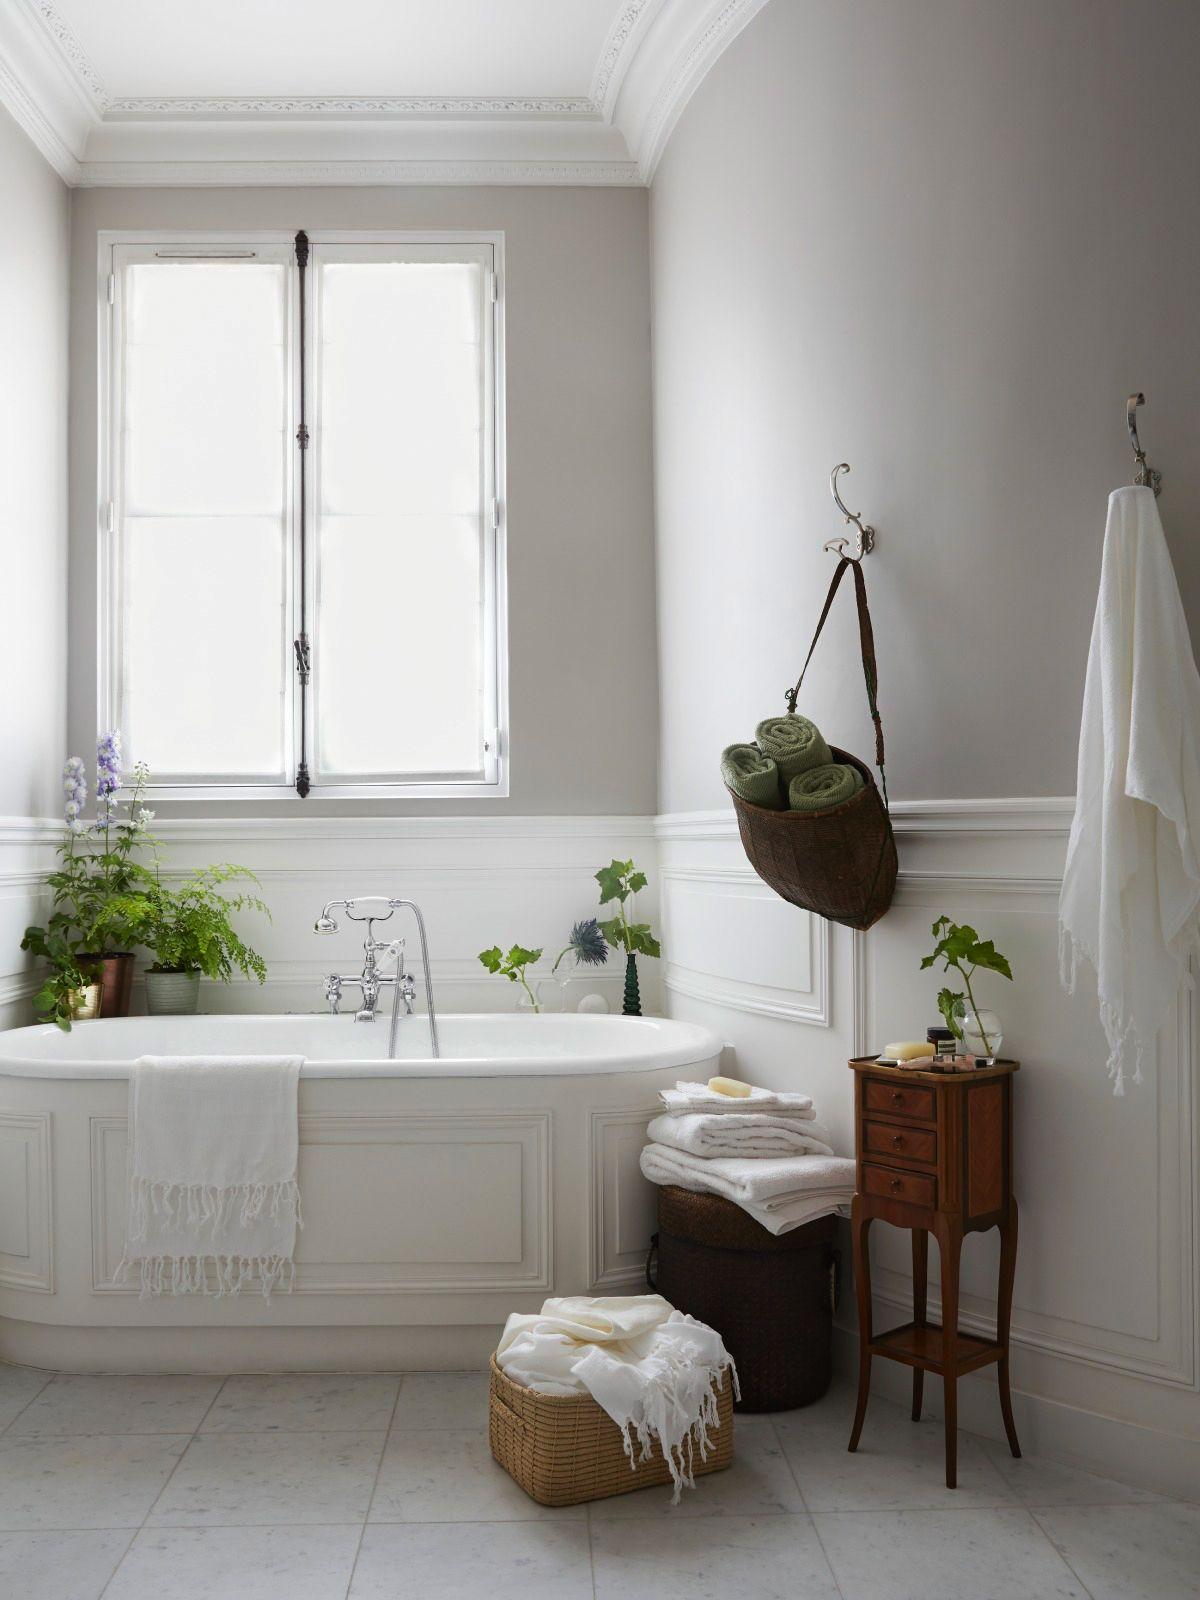 Barbecue Design Ideas Gallery Bathroom Interior | Mondean